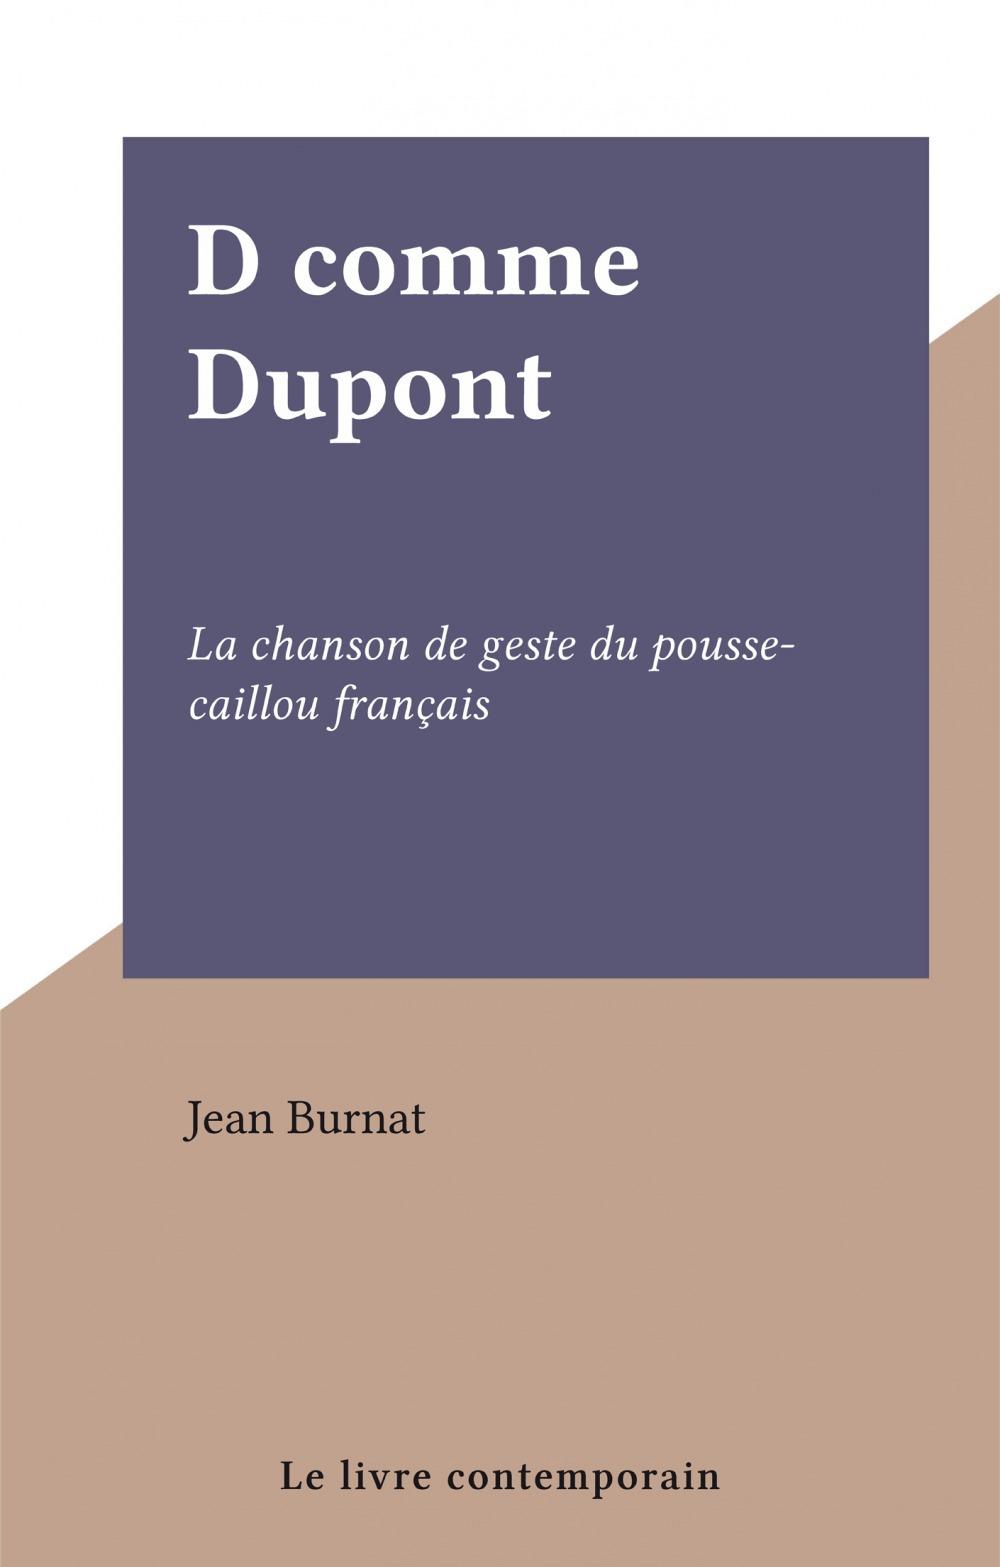 D comme Dupont